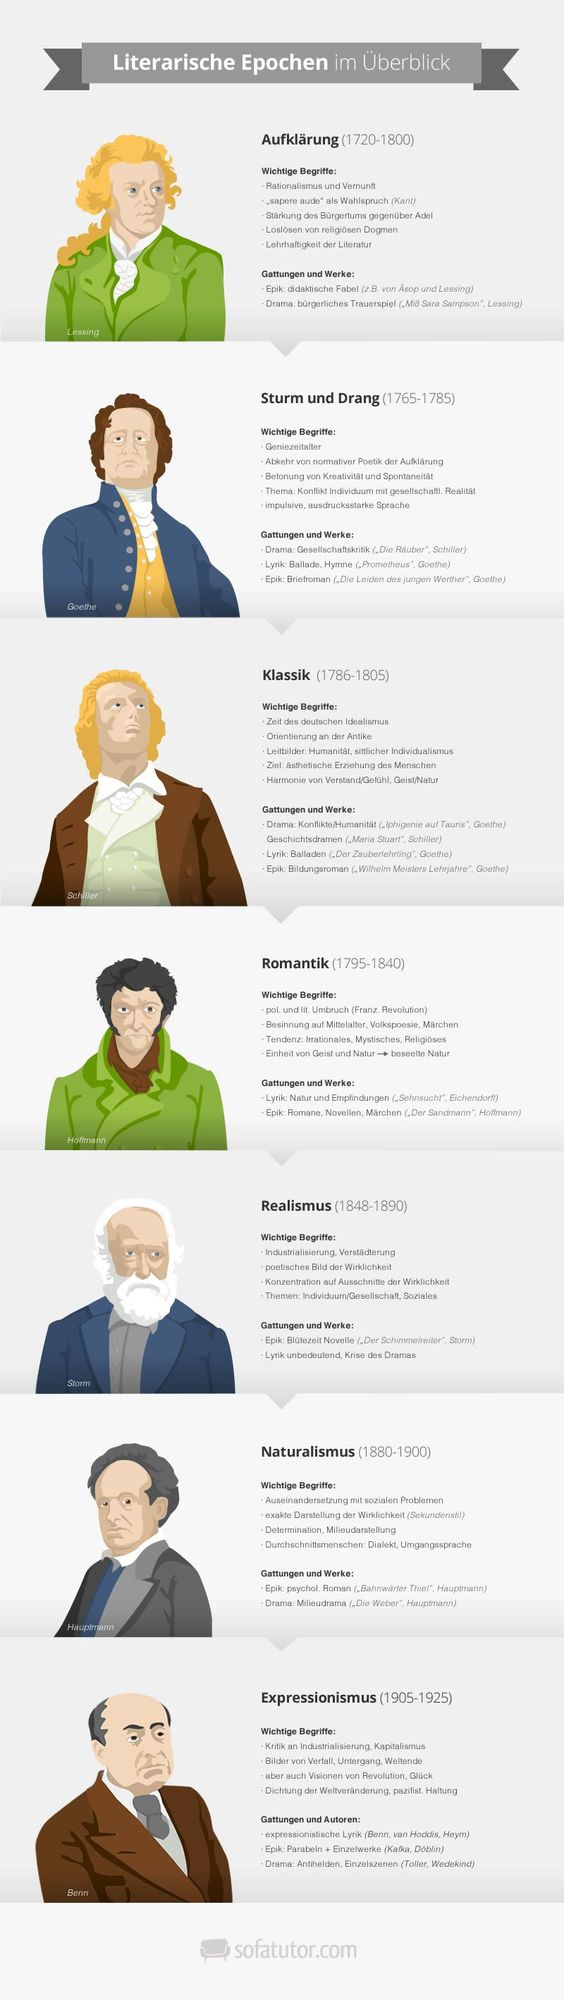 Abiturvorbereitung: Deutsch Abitur 2016! Lerne die Literatur-Epochen von Aufklärung bis Expressionismus mit der Literatur-Infografik (http://magazin.sofatutor.com/schueler/2016/02/01/abiturvorbereitung-abitur-deutsch-2016-aufgaben-und-themen-auf-einen-blick/)